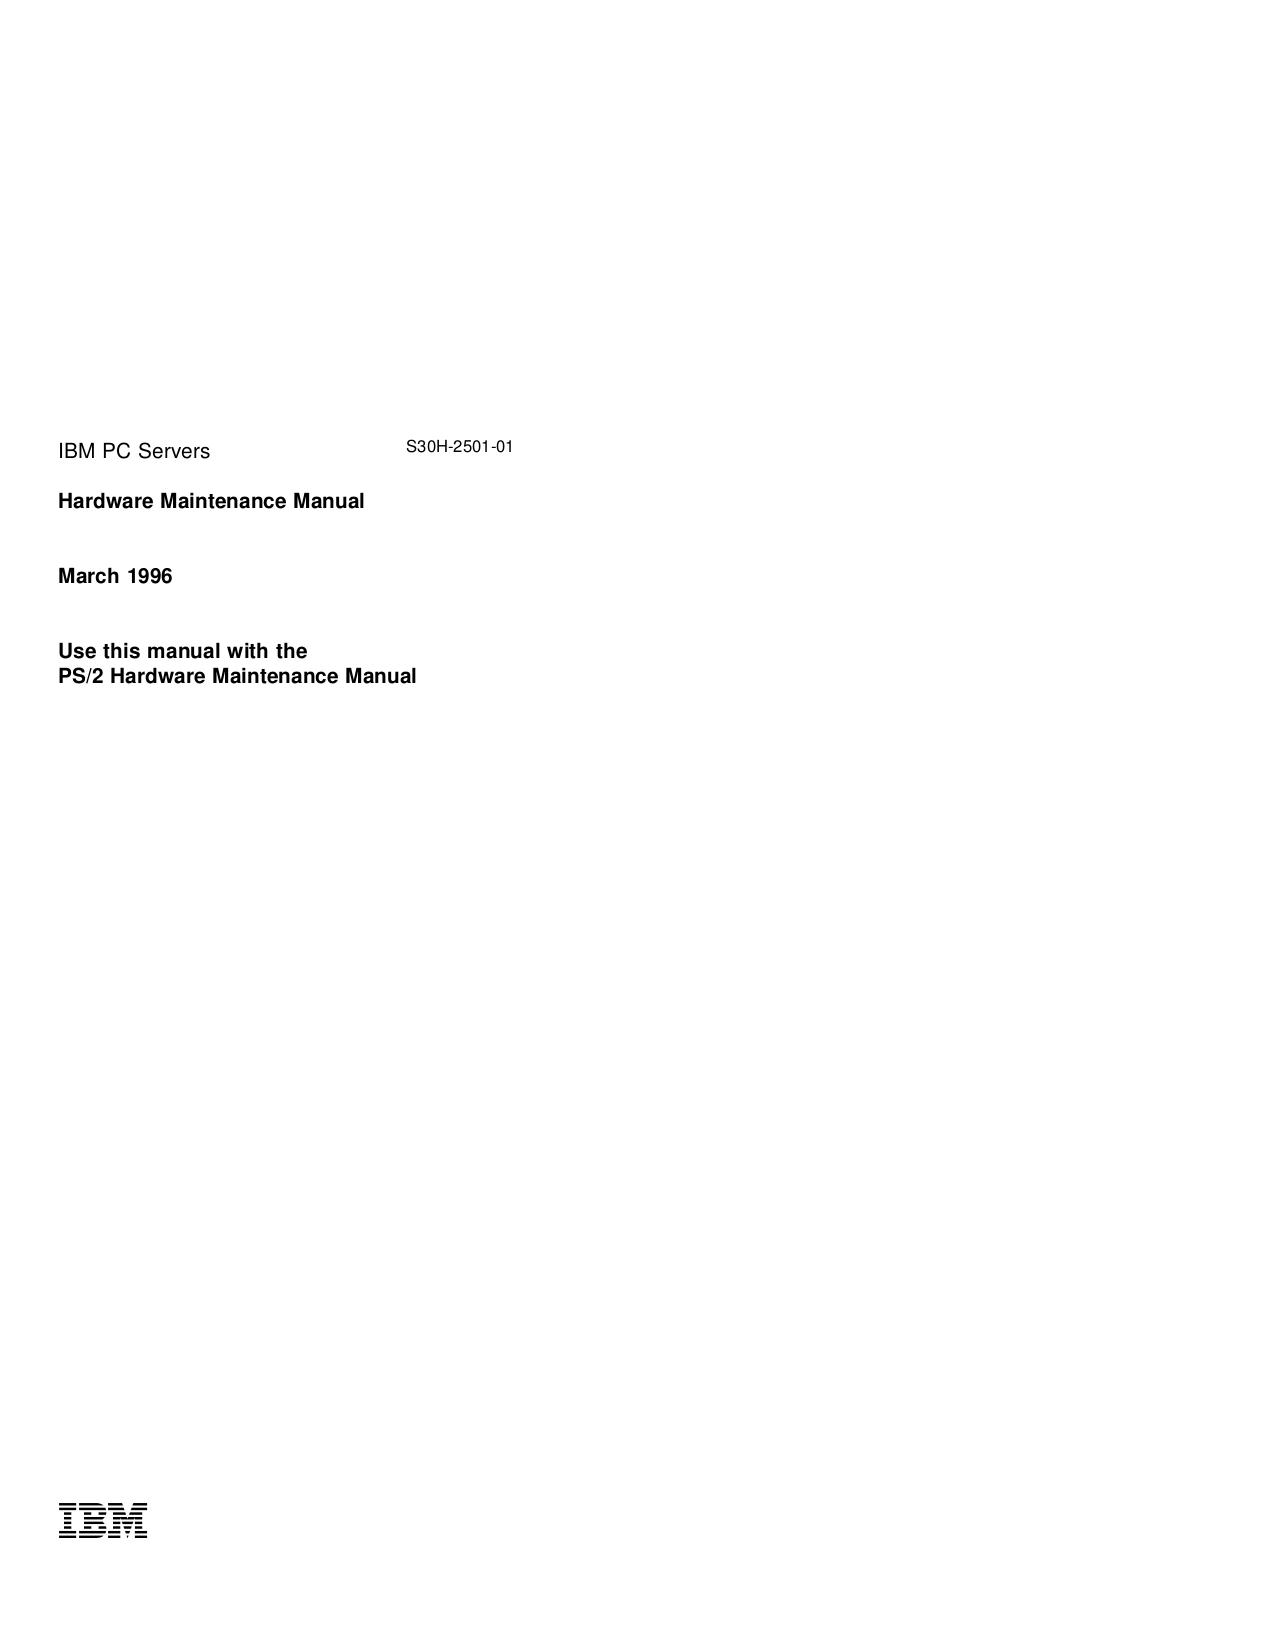 pdf for IBM Laptop ThinkPad 760CD manual